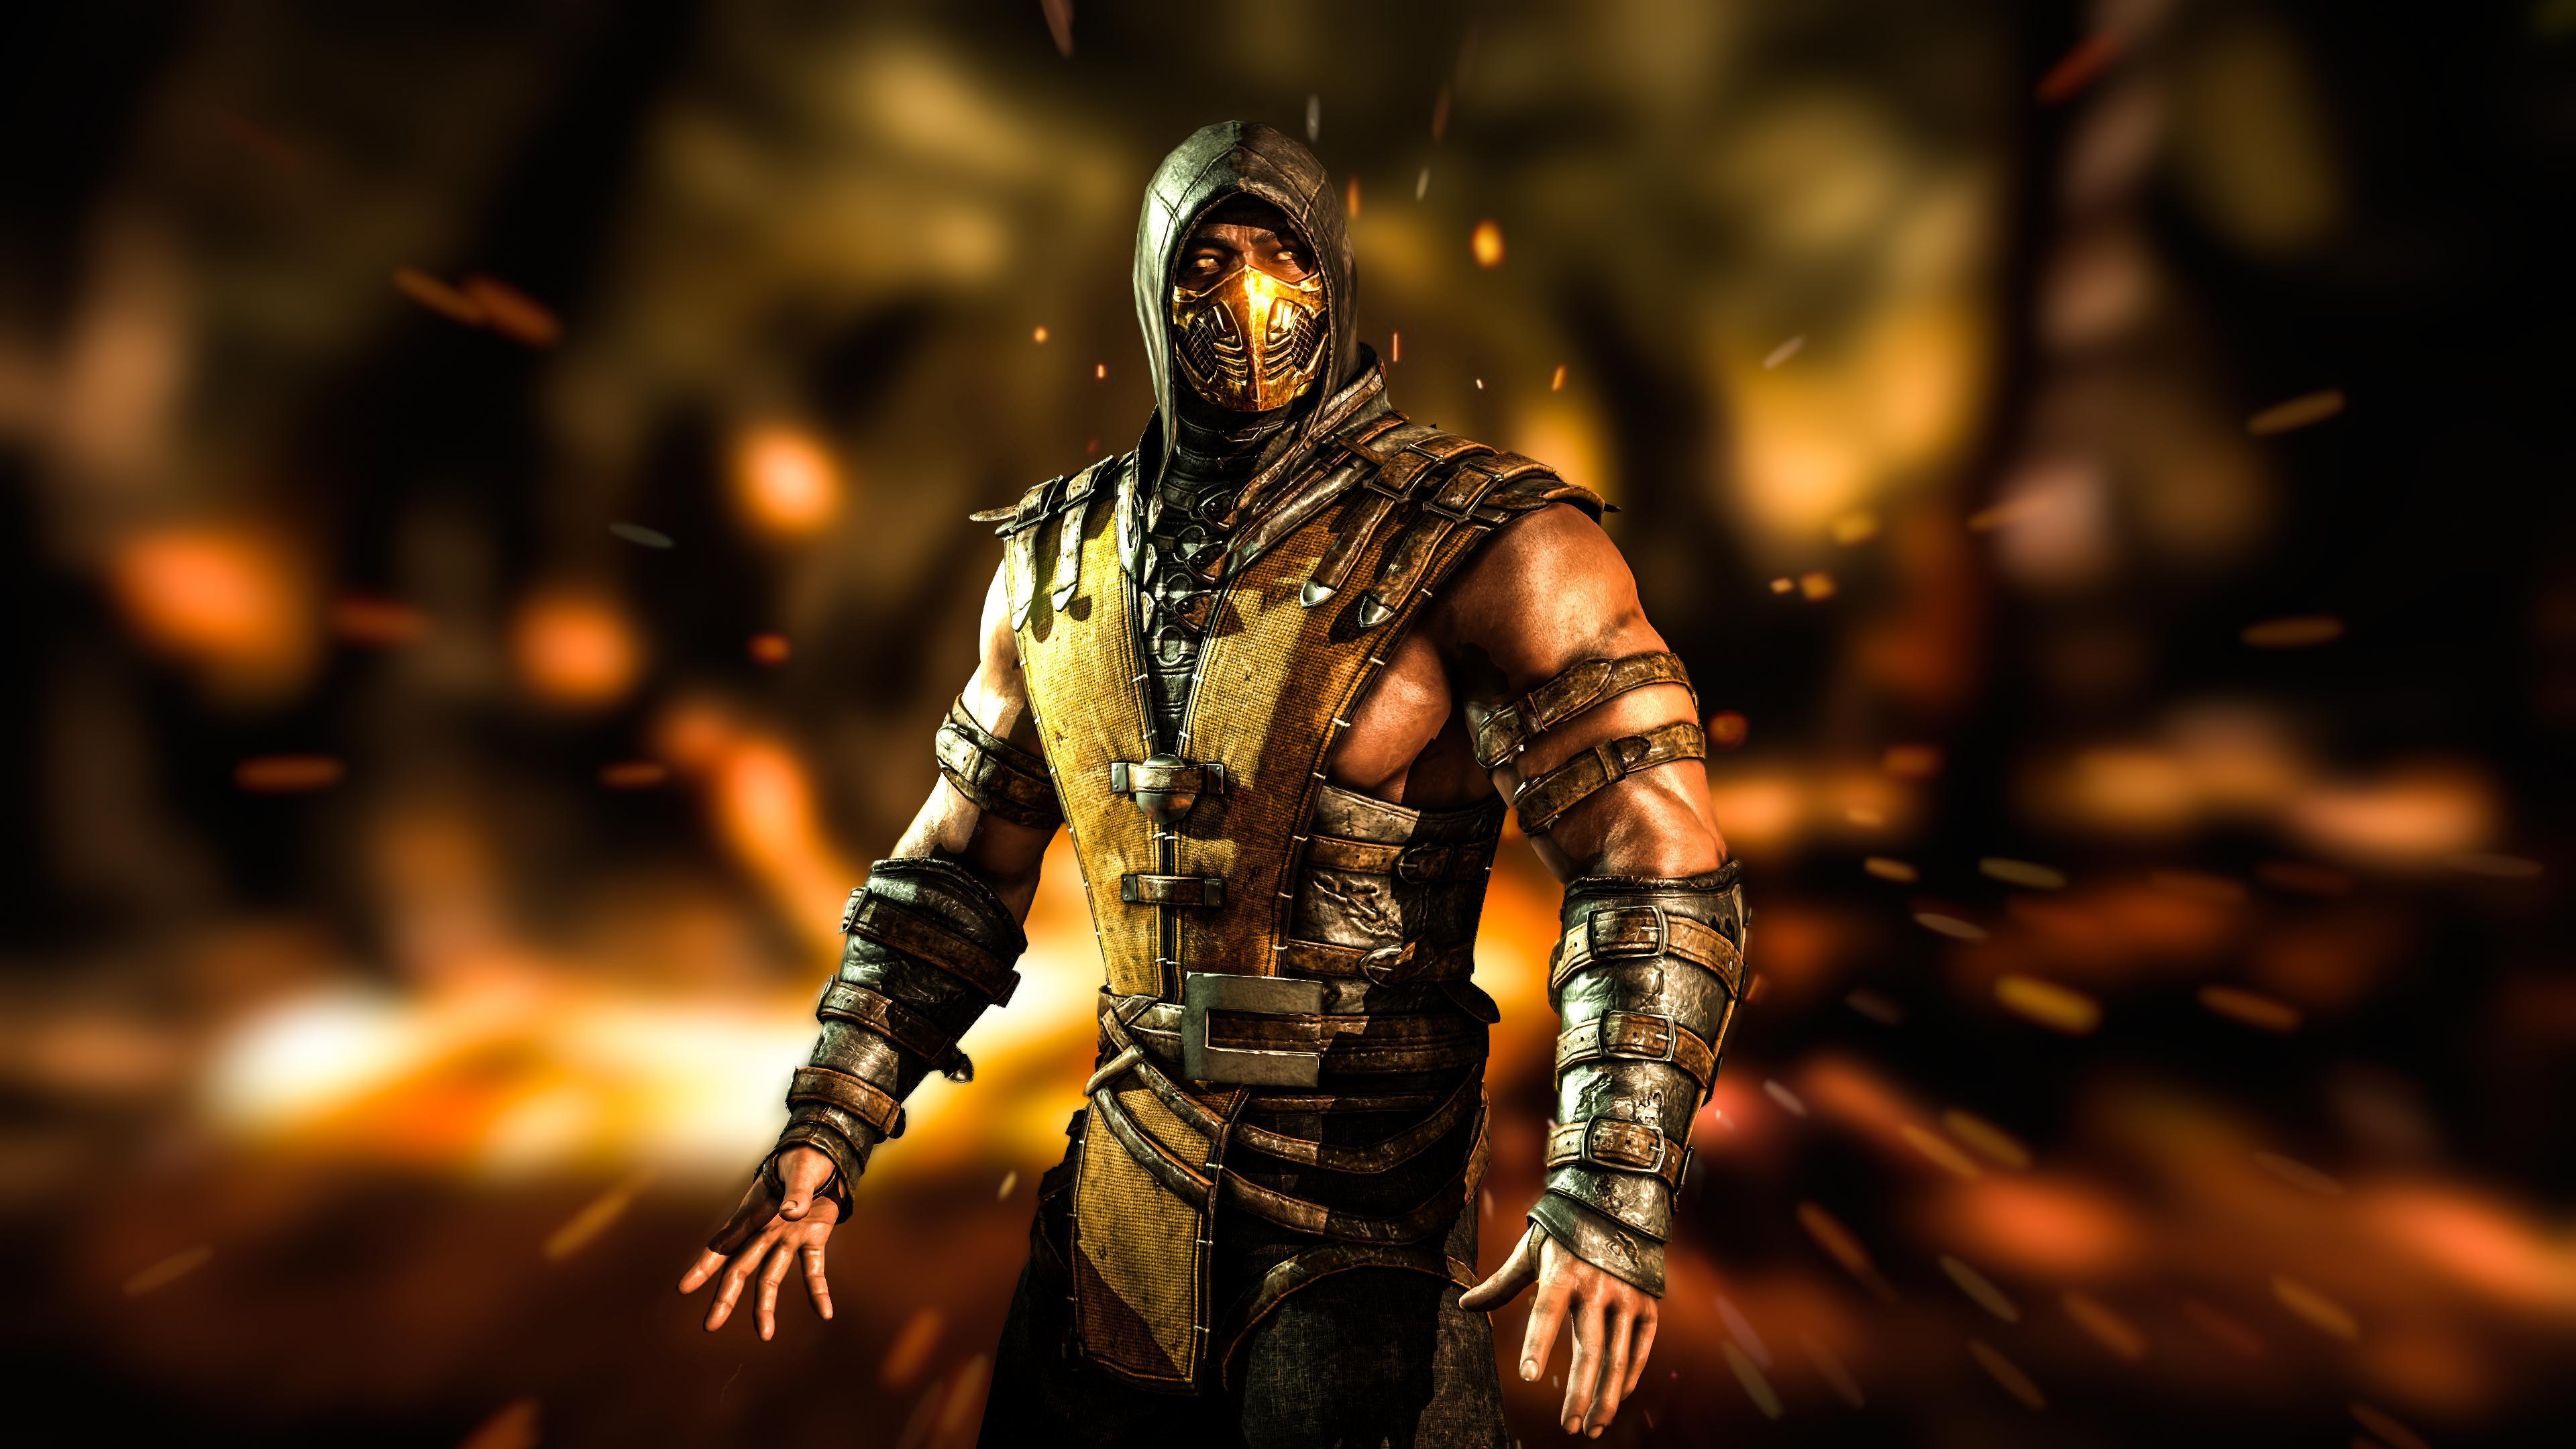 Mortal Kombat X 4k